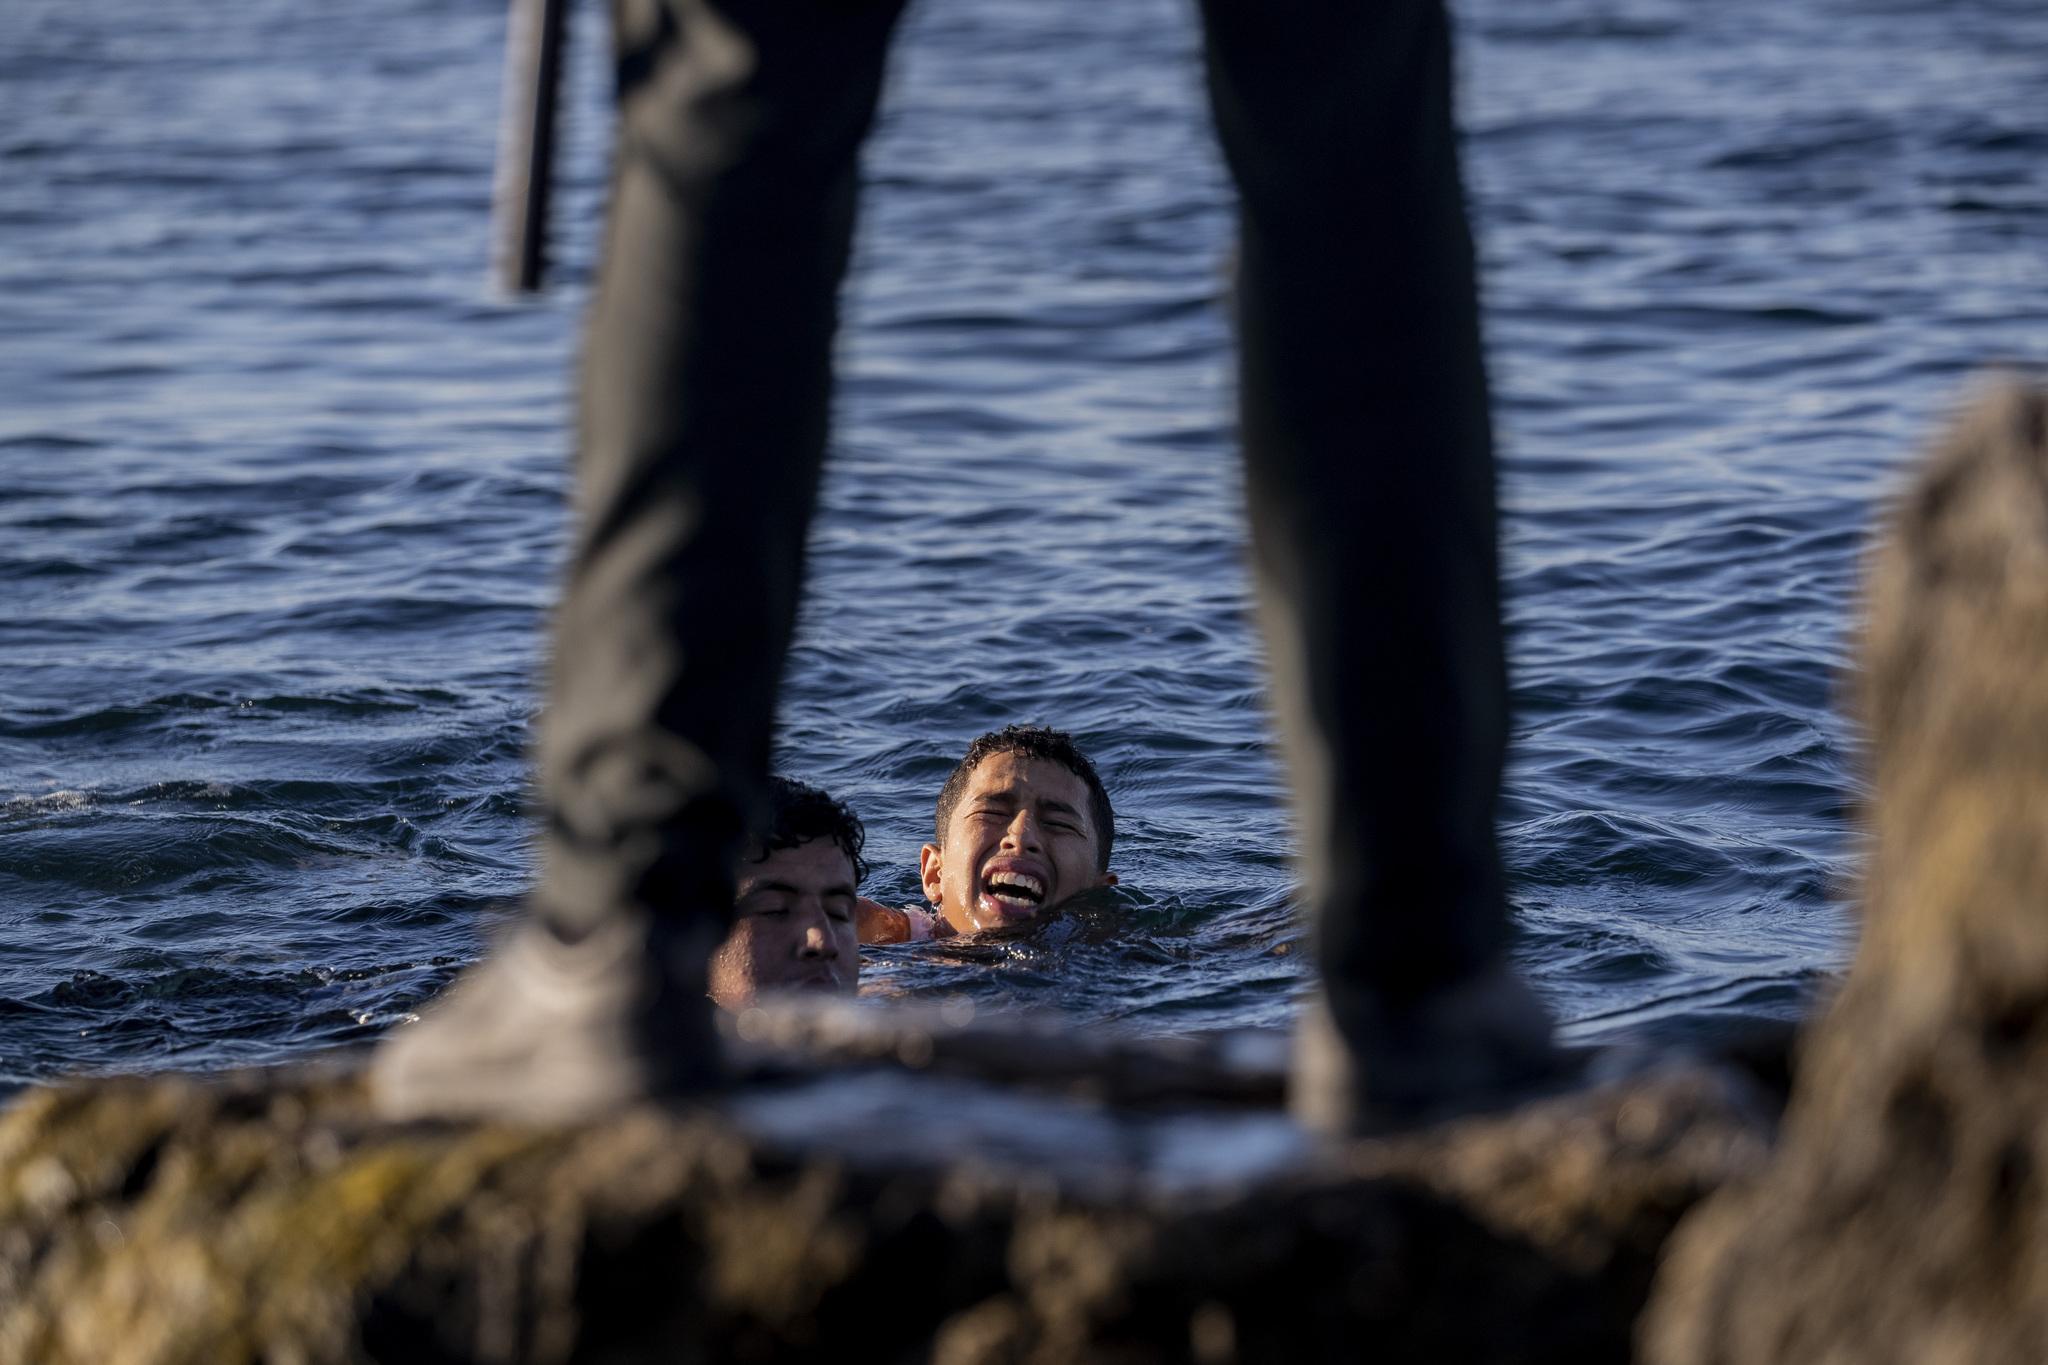 Un joven migrante muere en Ceuta tras una caída en el puerto y otro es hospitalizado tras ser golpeado con un bate   España